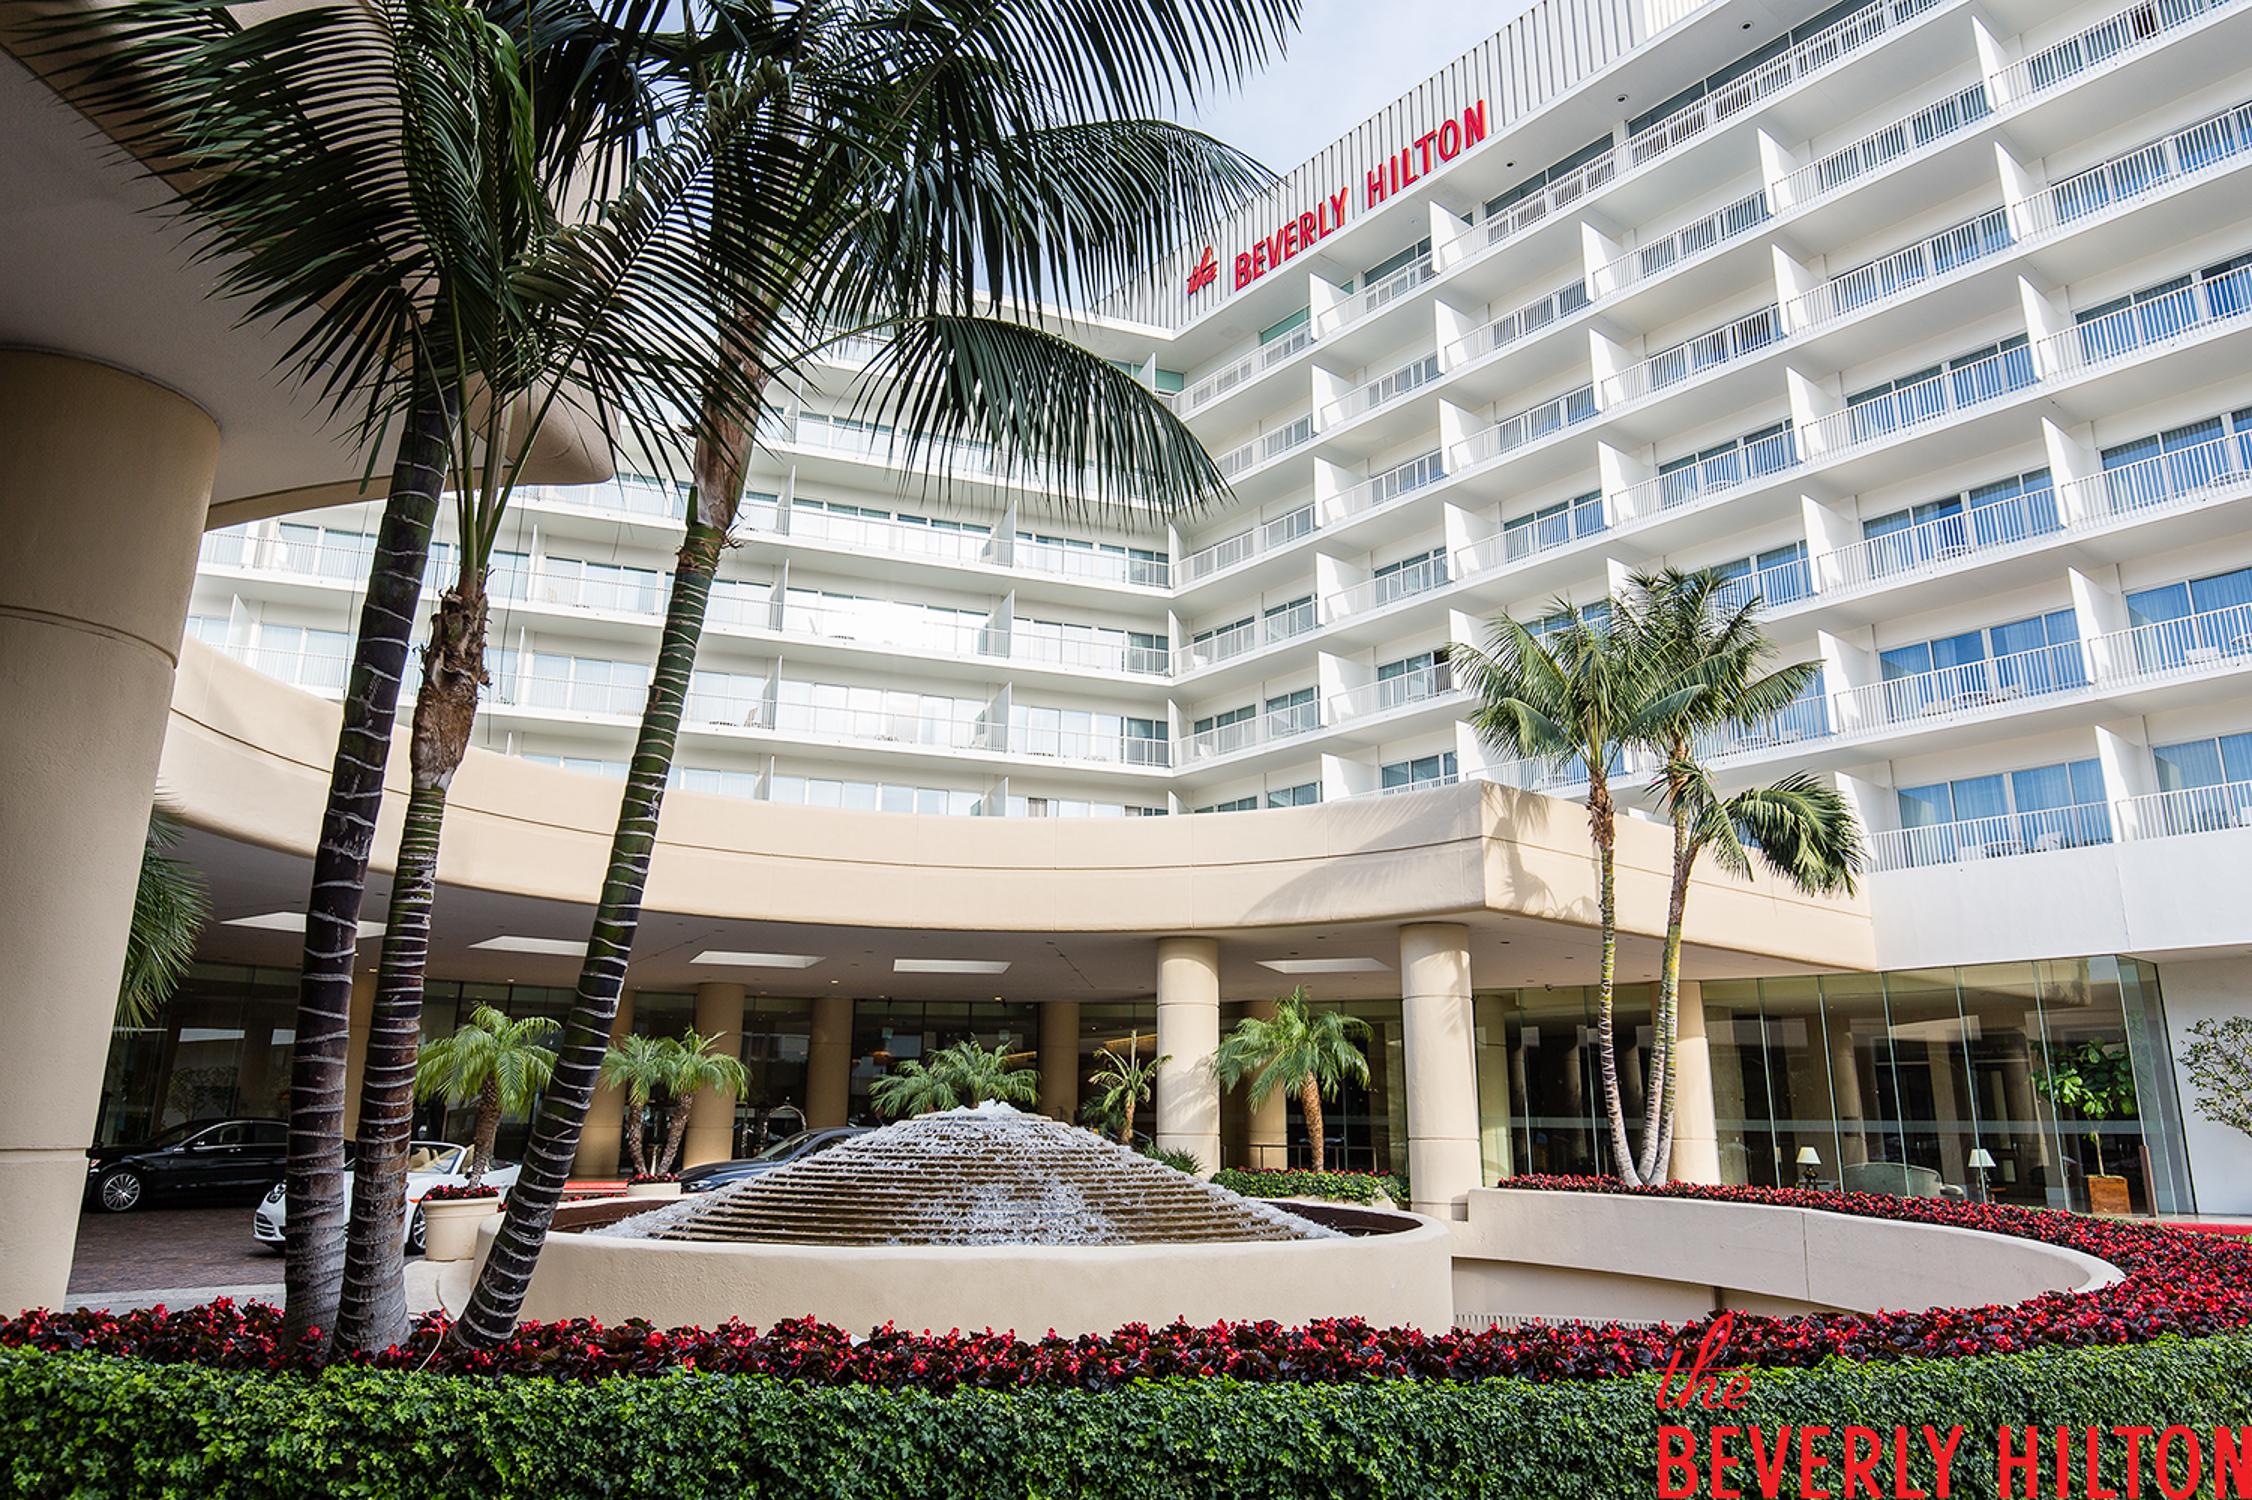 The Beverly Hilton - Ted Sun-1.jpg